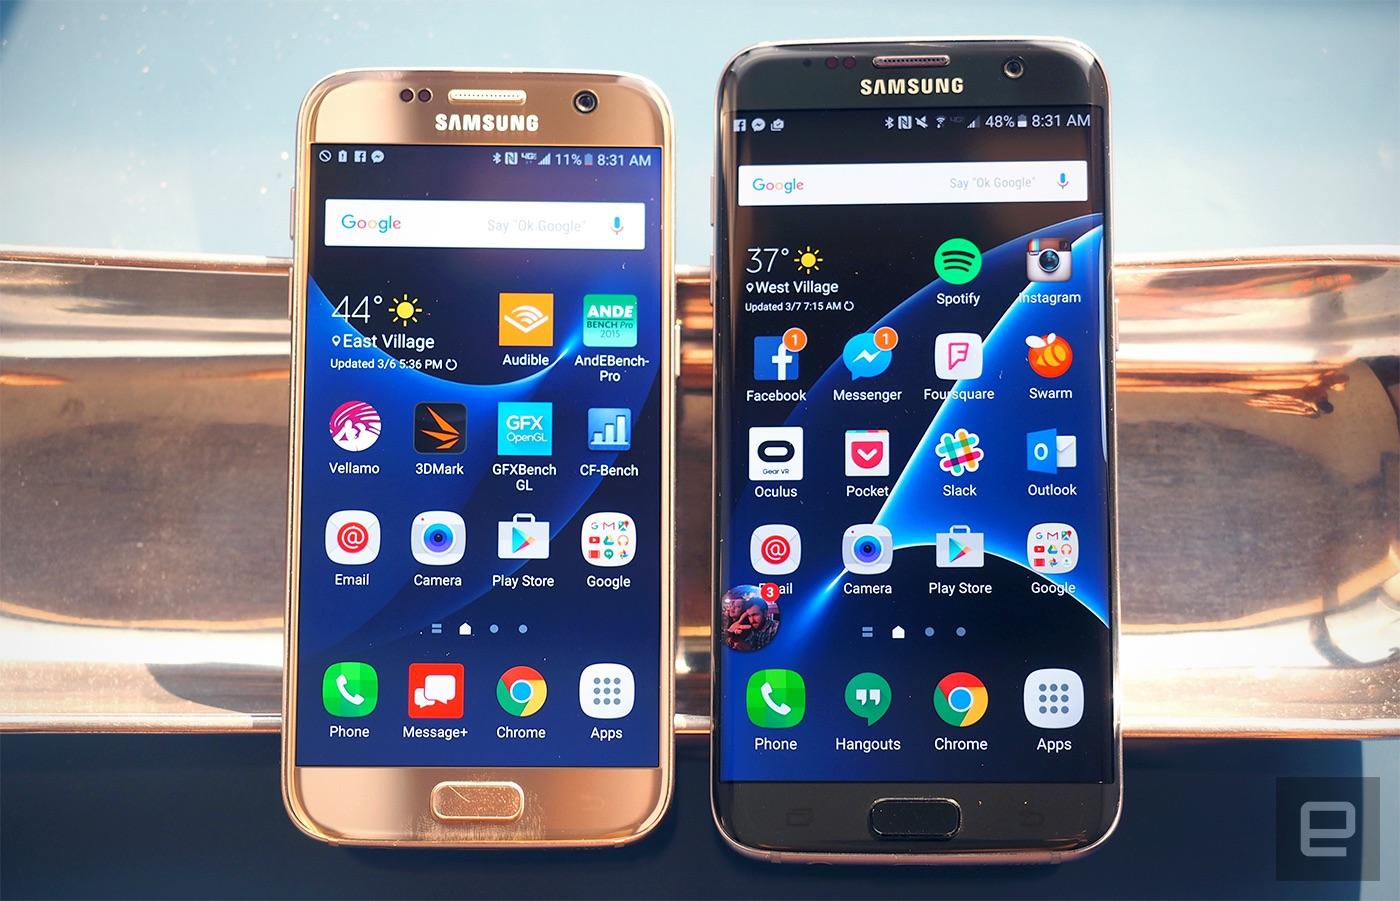 نسخة جديدة من هاتف جالكسي اس7 باللون الوردي... ما رأيك بهذا اللون؟